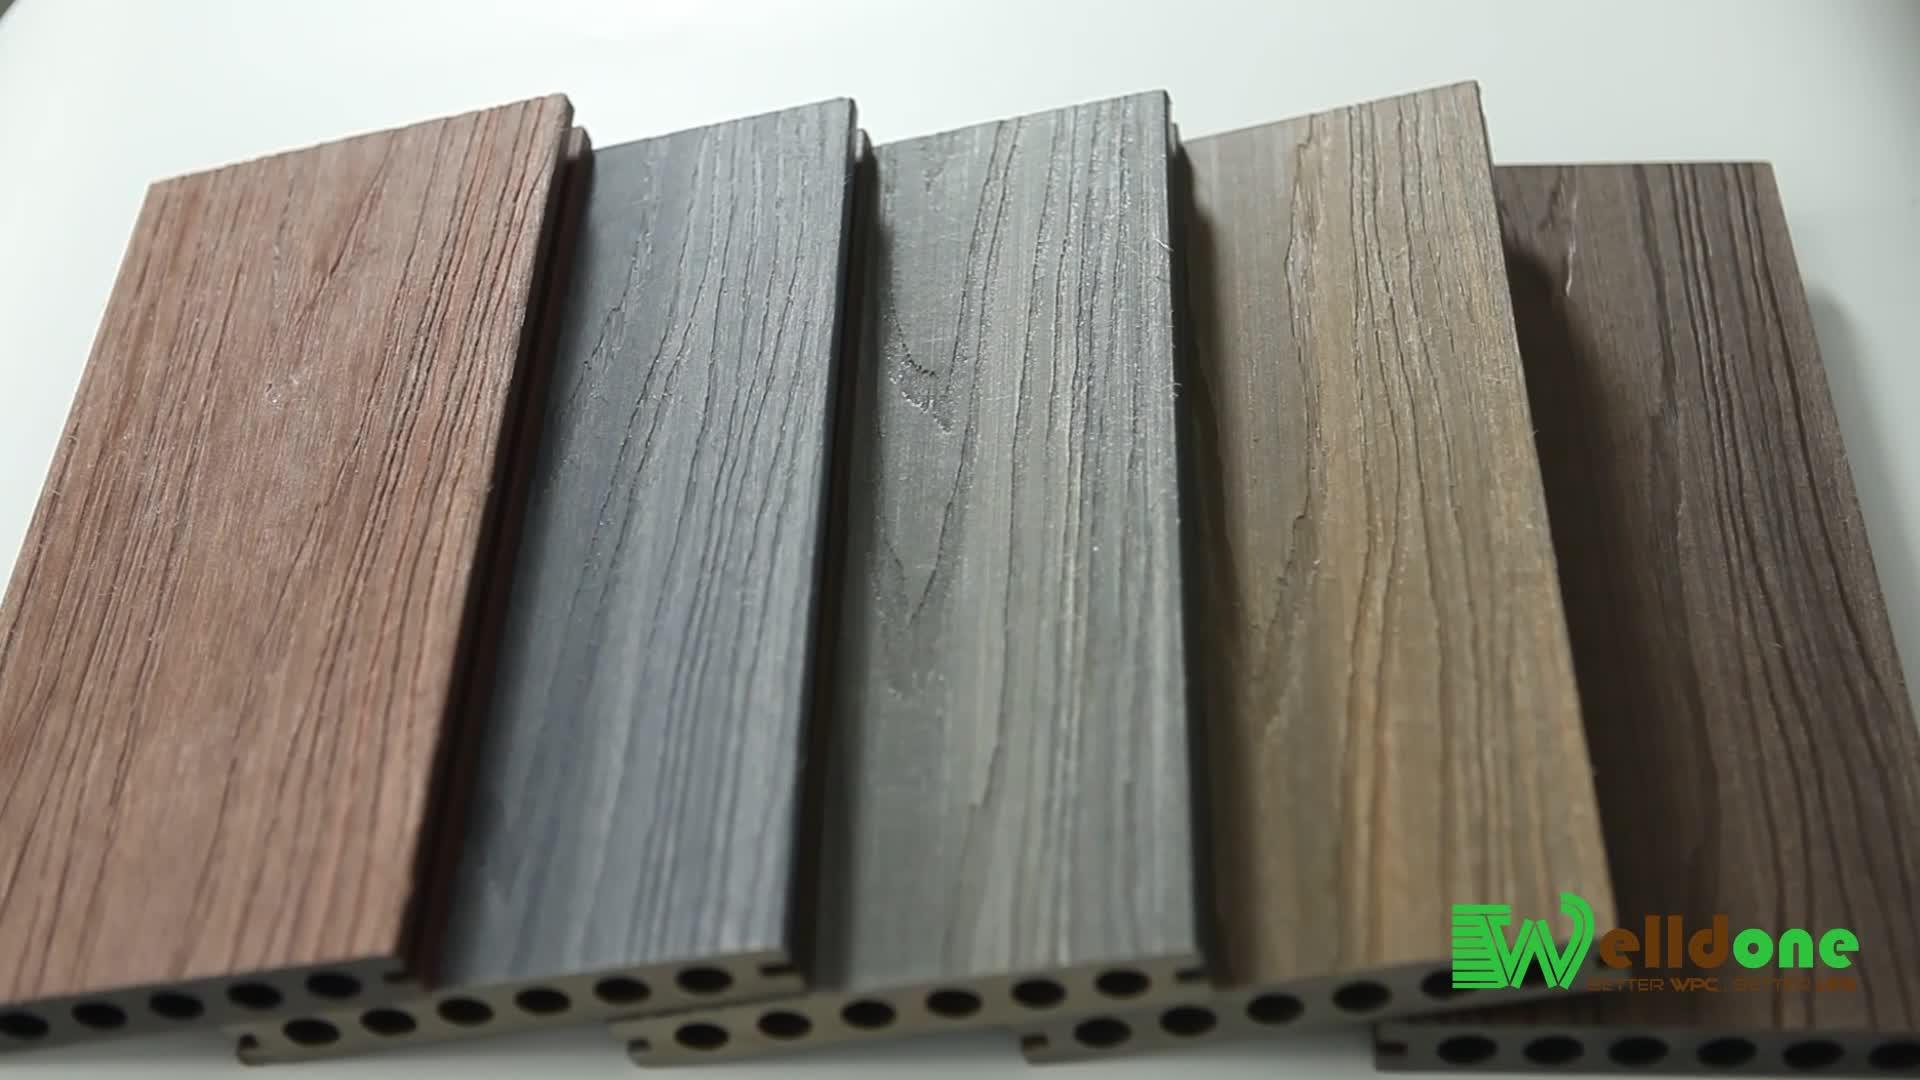 Textura do Grão de Madeira Em Relevo à prova d' água ao ar livre Composto co-extrusão de WPC piso Decks